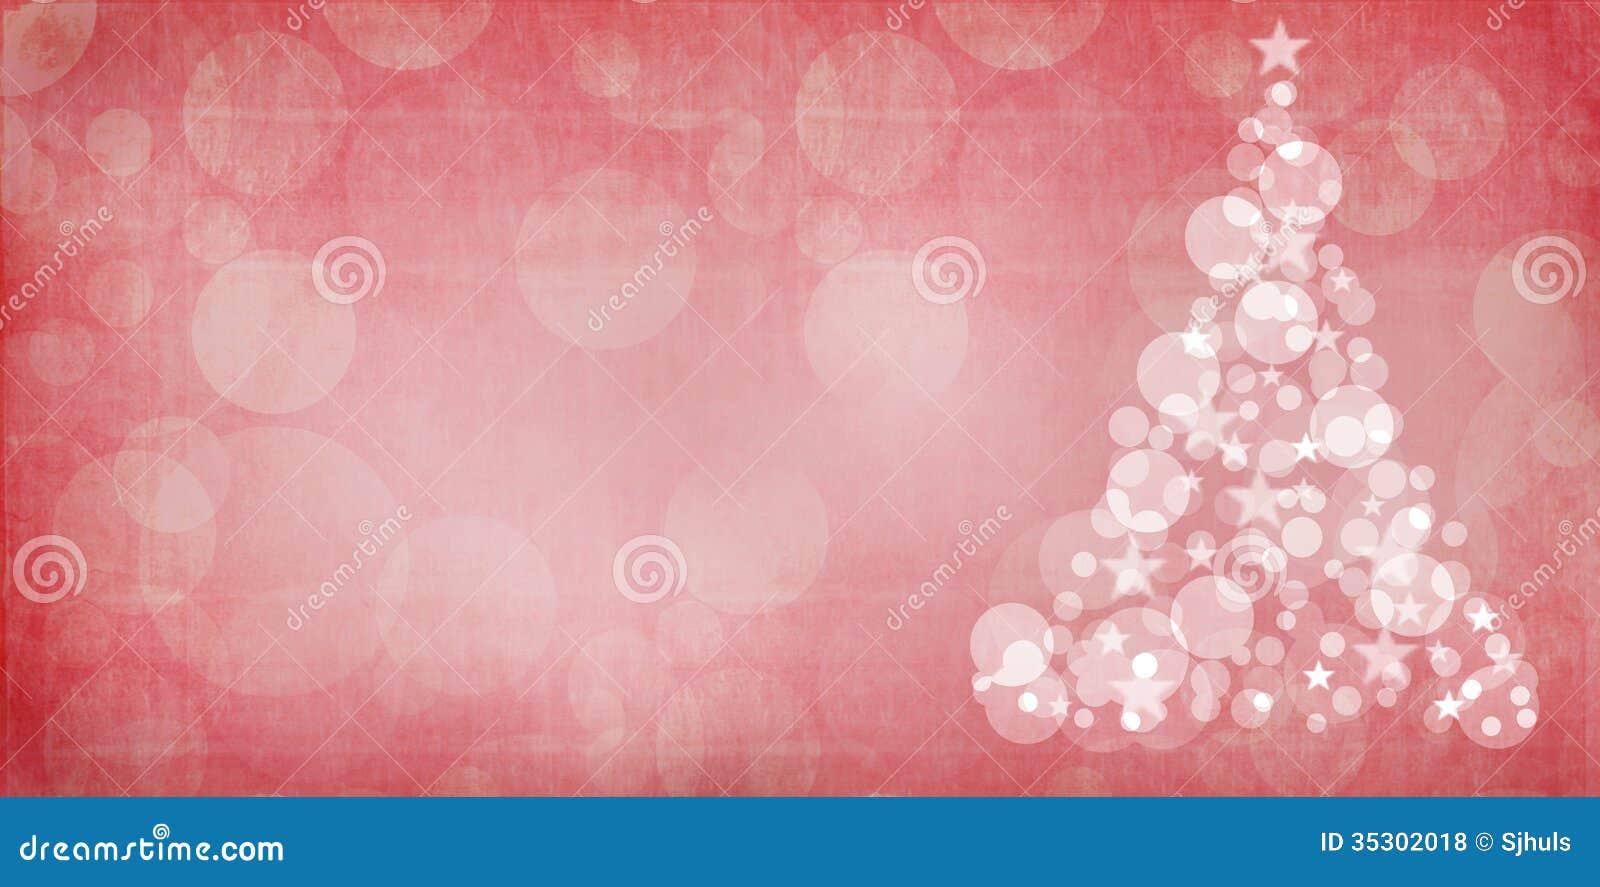 Stock photos red christmas bokeh christmas tree with grunge overlay